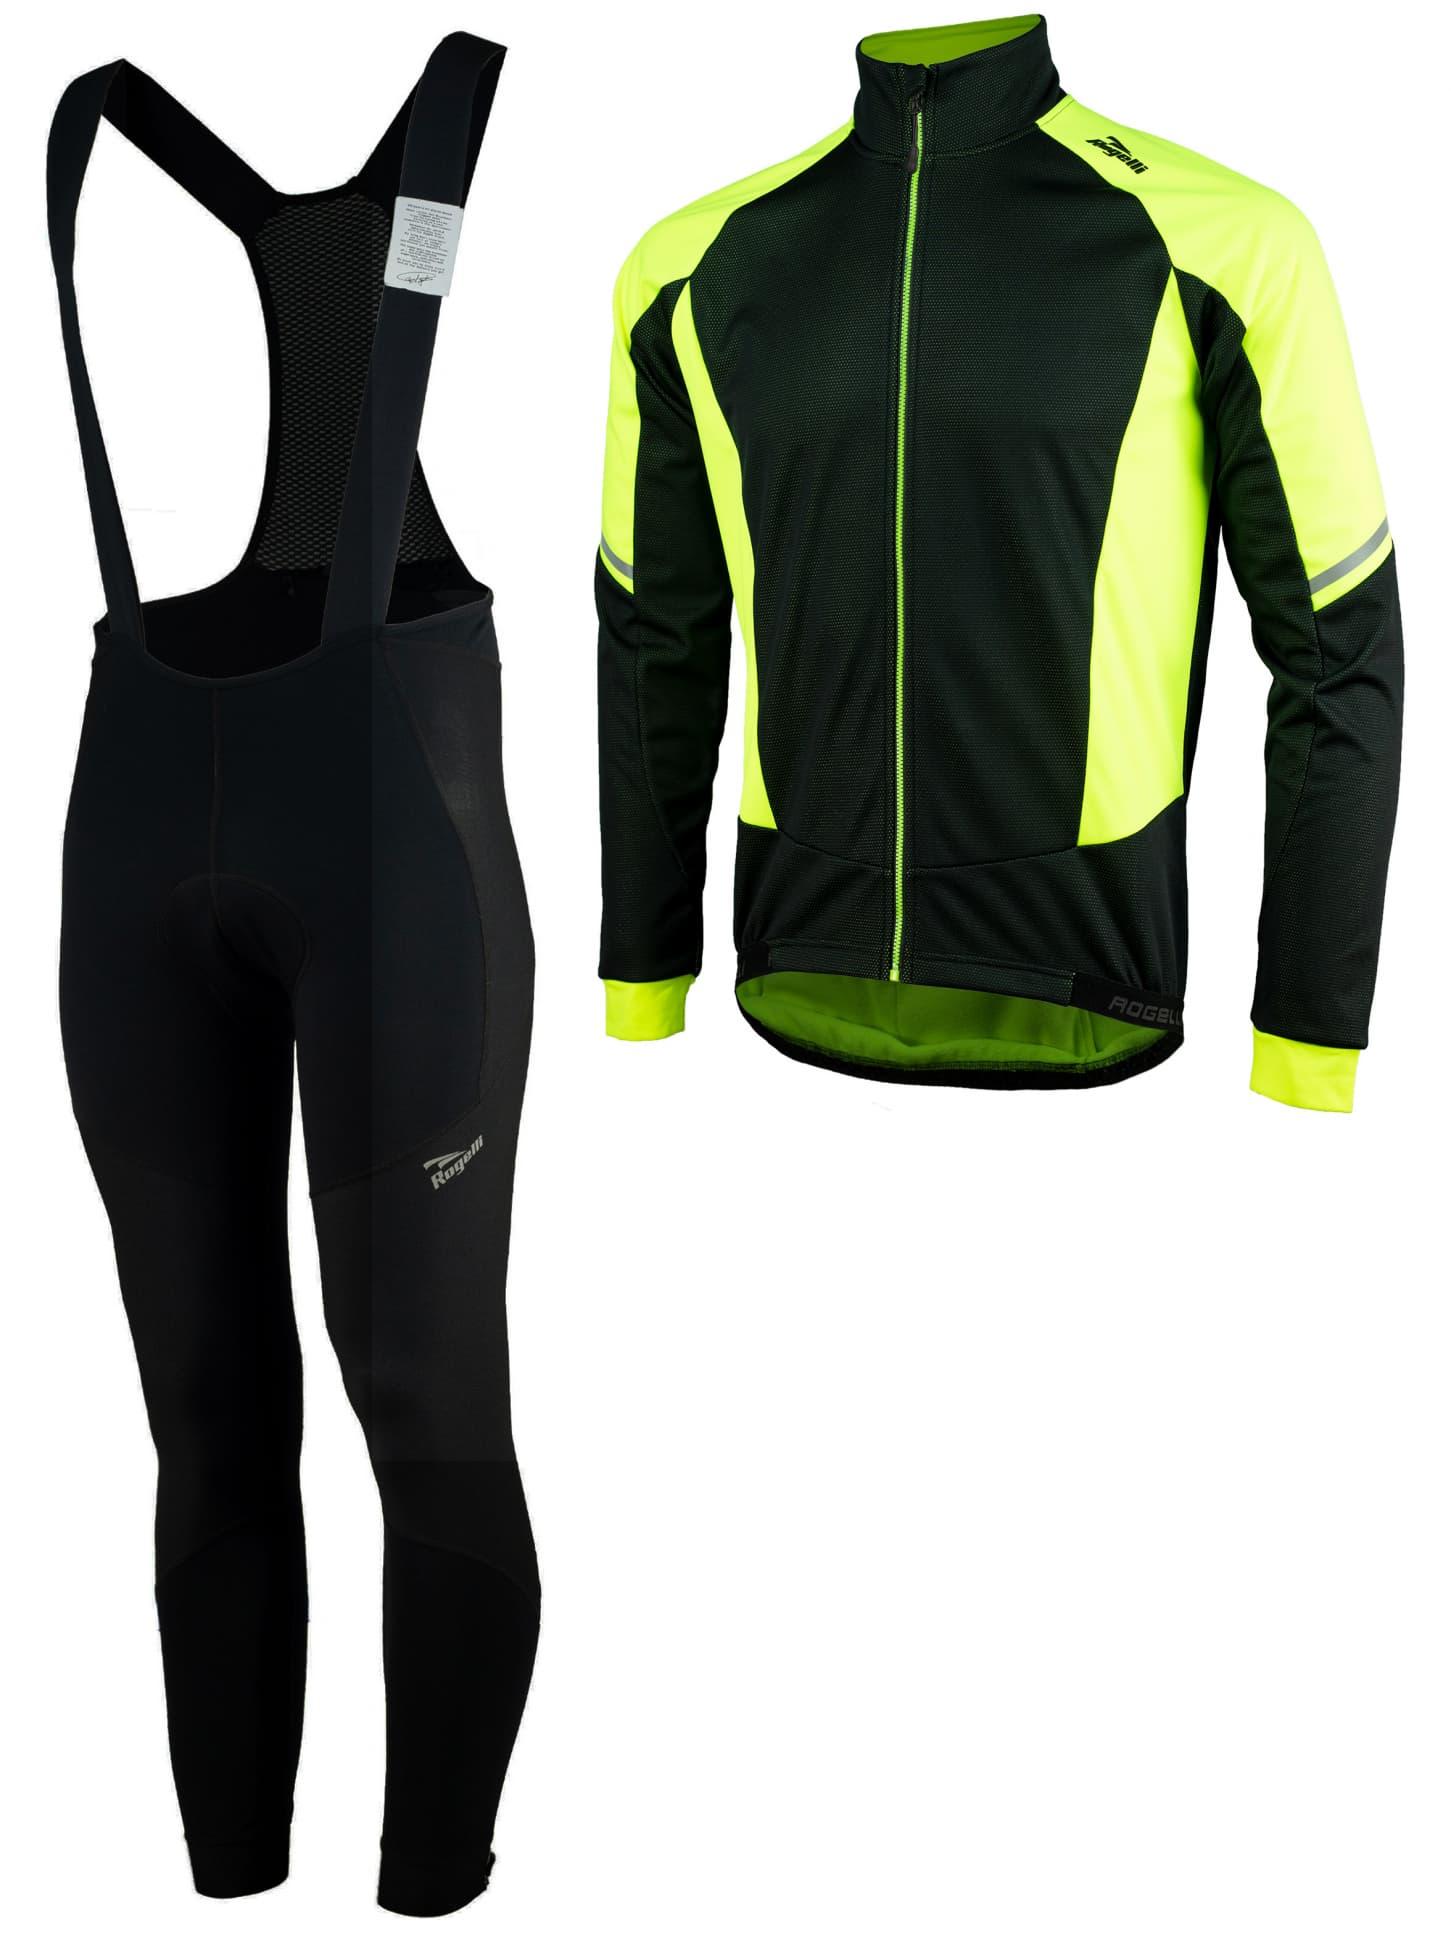 2889b85b67216 Zimné cyklistické oblečenie Rogelli UBALDO 3.0, reflexné žlté ...